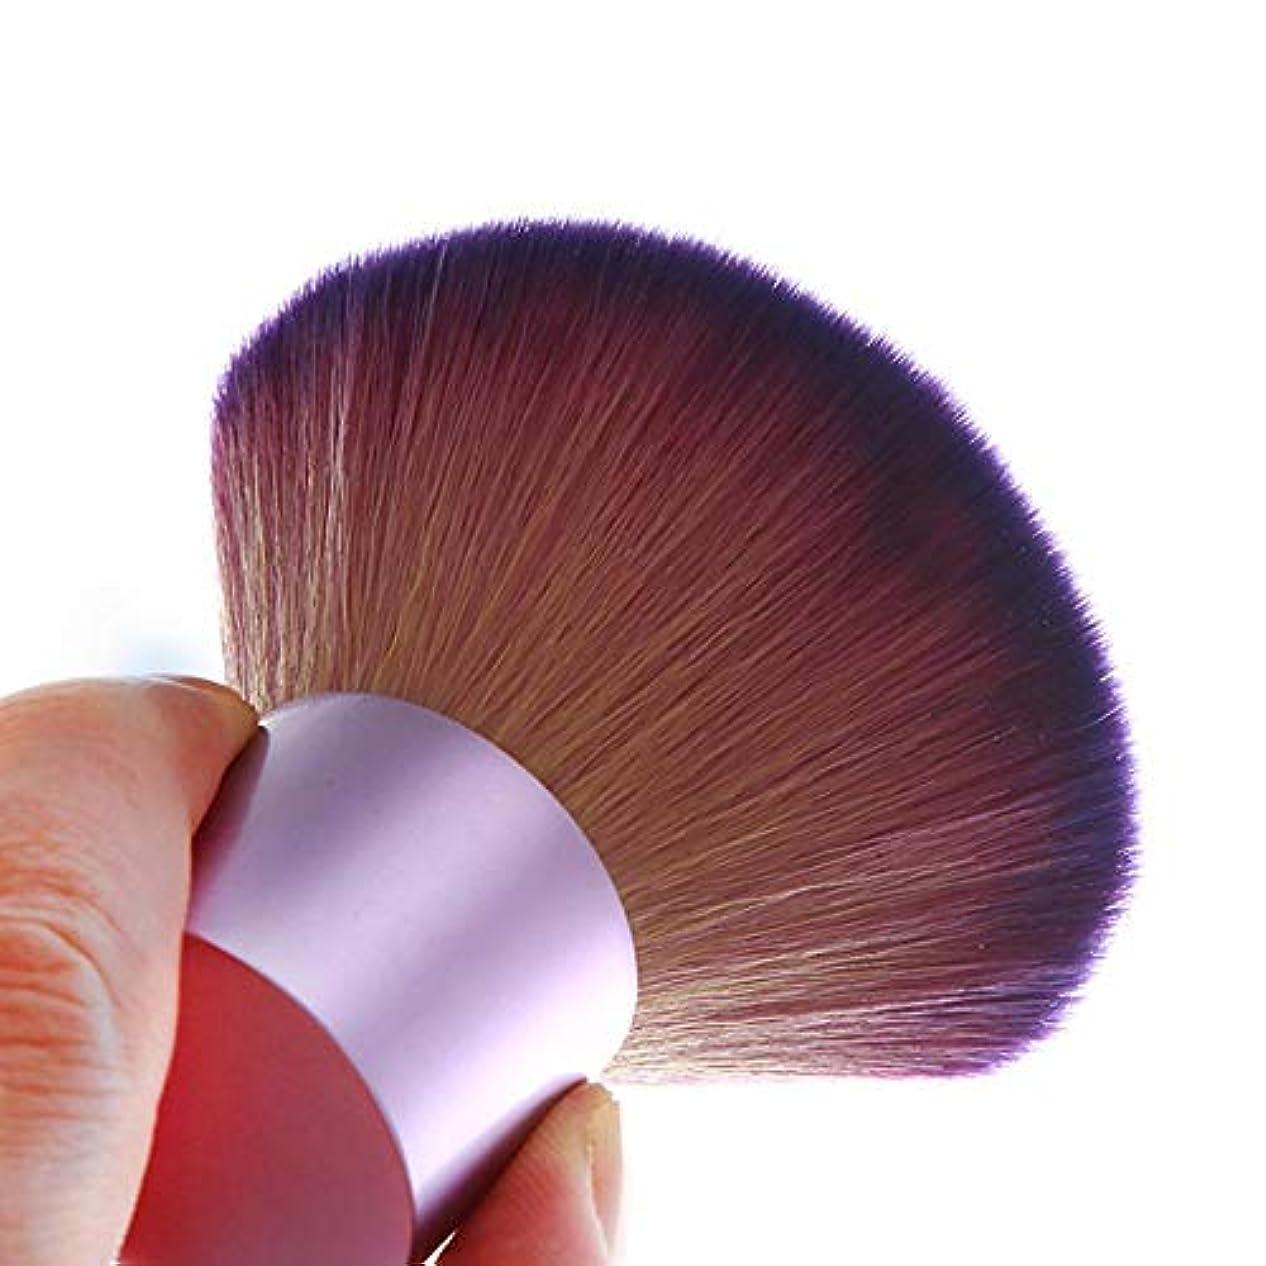 治療過ち生態学Graprx 持ち運びに便利多机能収縮メイクブラシ チークブラシ 化粧ブラシ絶妙な化粧ブラシ柔らかくて快適な化粧ブラシ 伸縮式デザイン スライド式 携帯用 ファンデーションブラシ